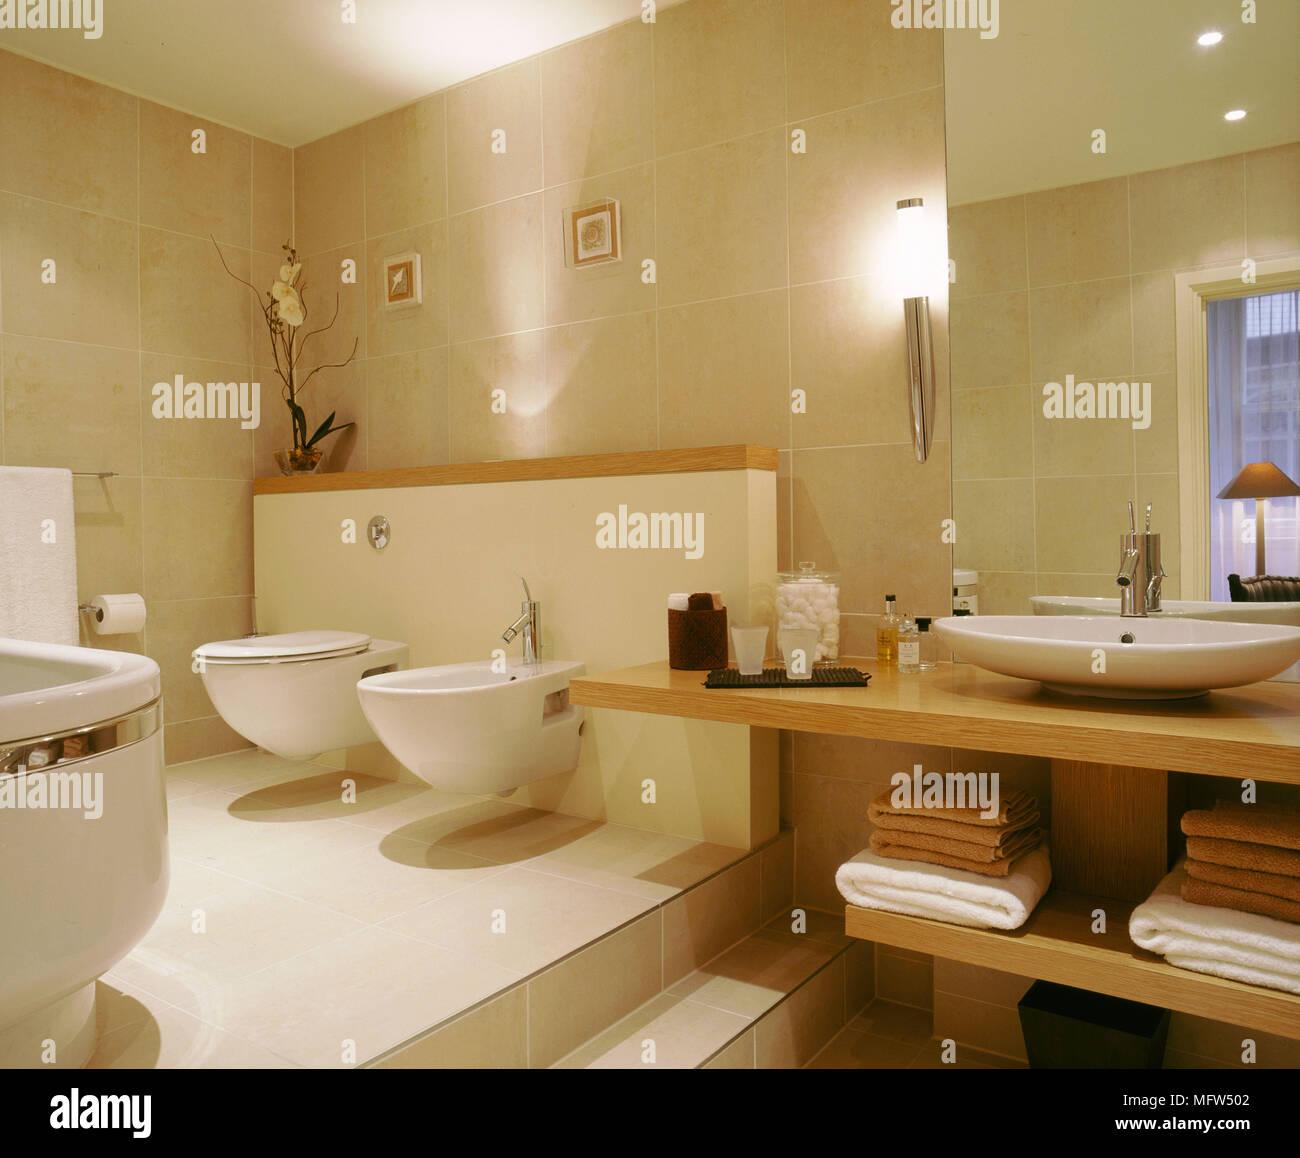 Neutro moderno bagno wc bidet lavandino su legno unit di illuminazione a scomparsa foto - Illuminazione bagno moderno ...